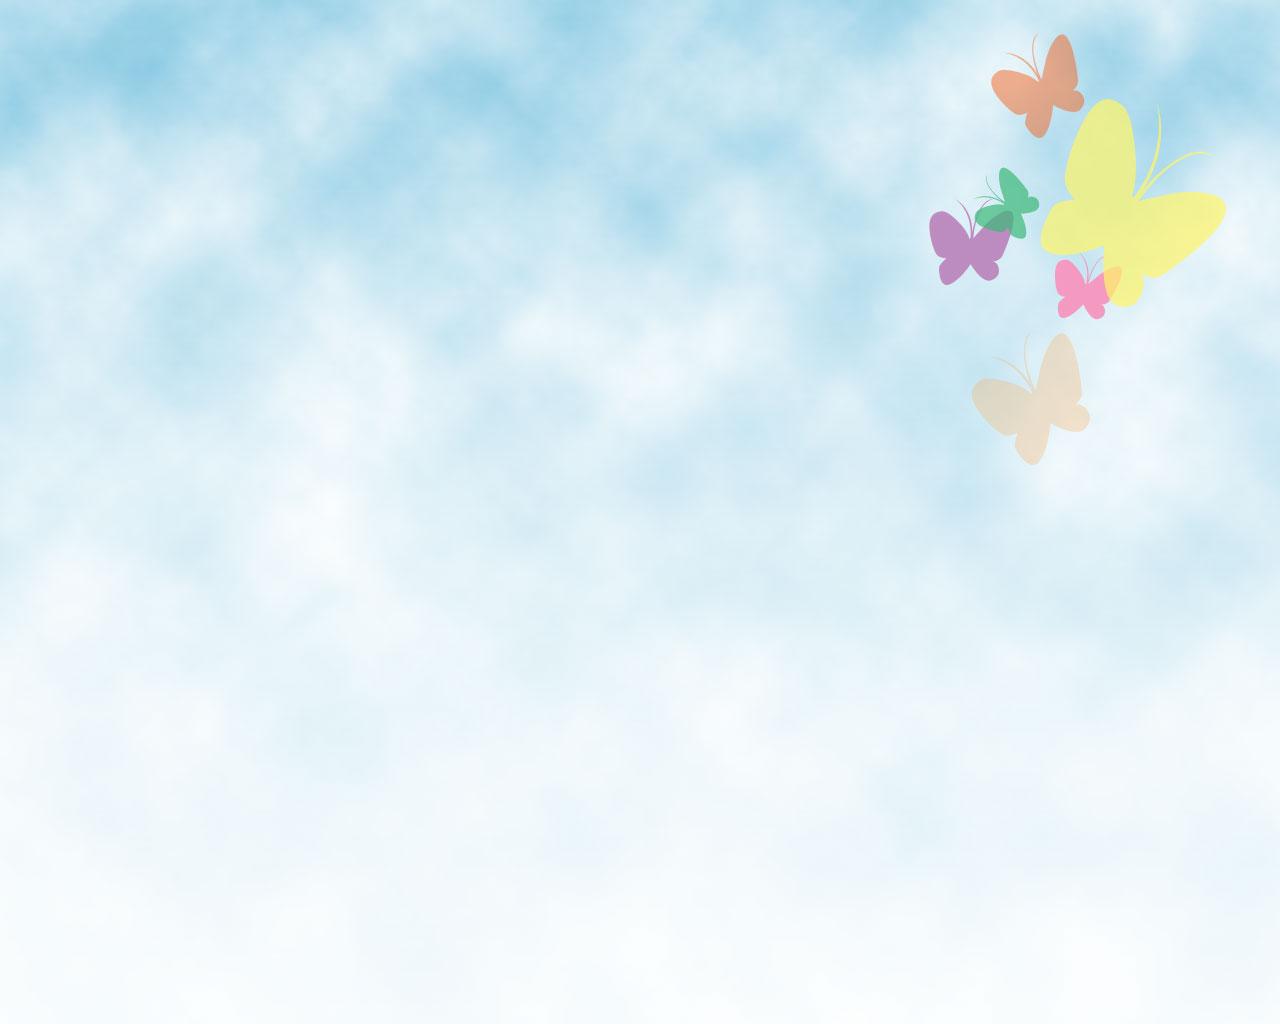 Hình nền PowerPoint cánh bướm dập dờn trên nền trời